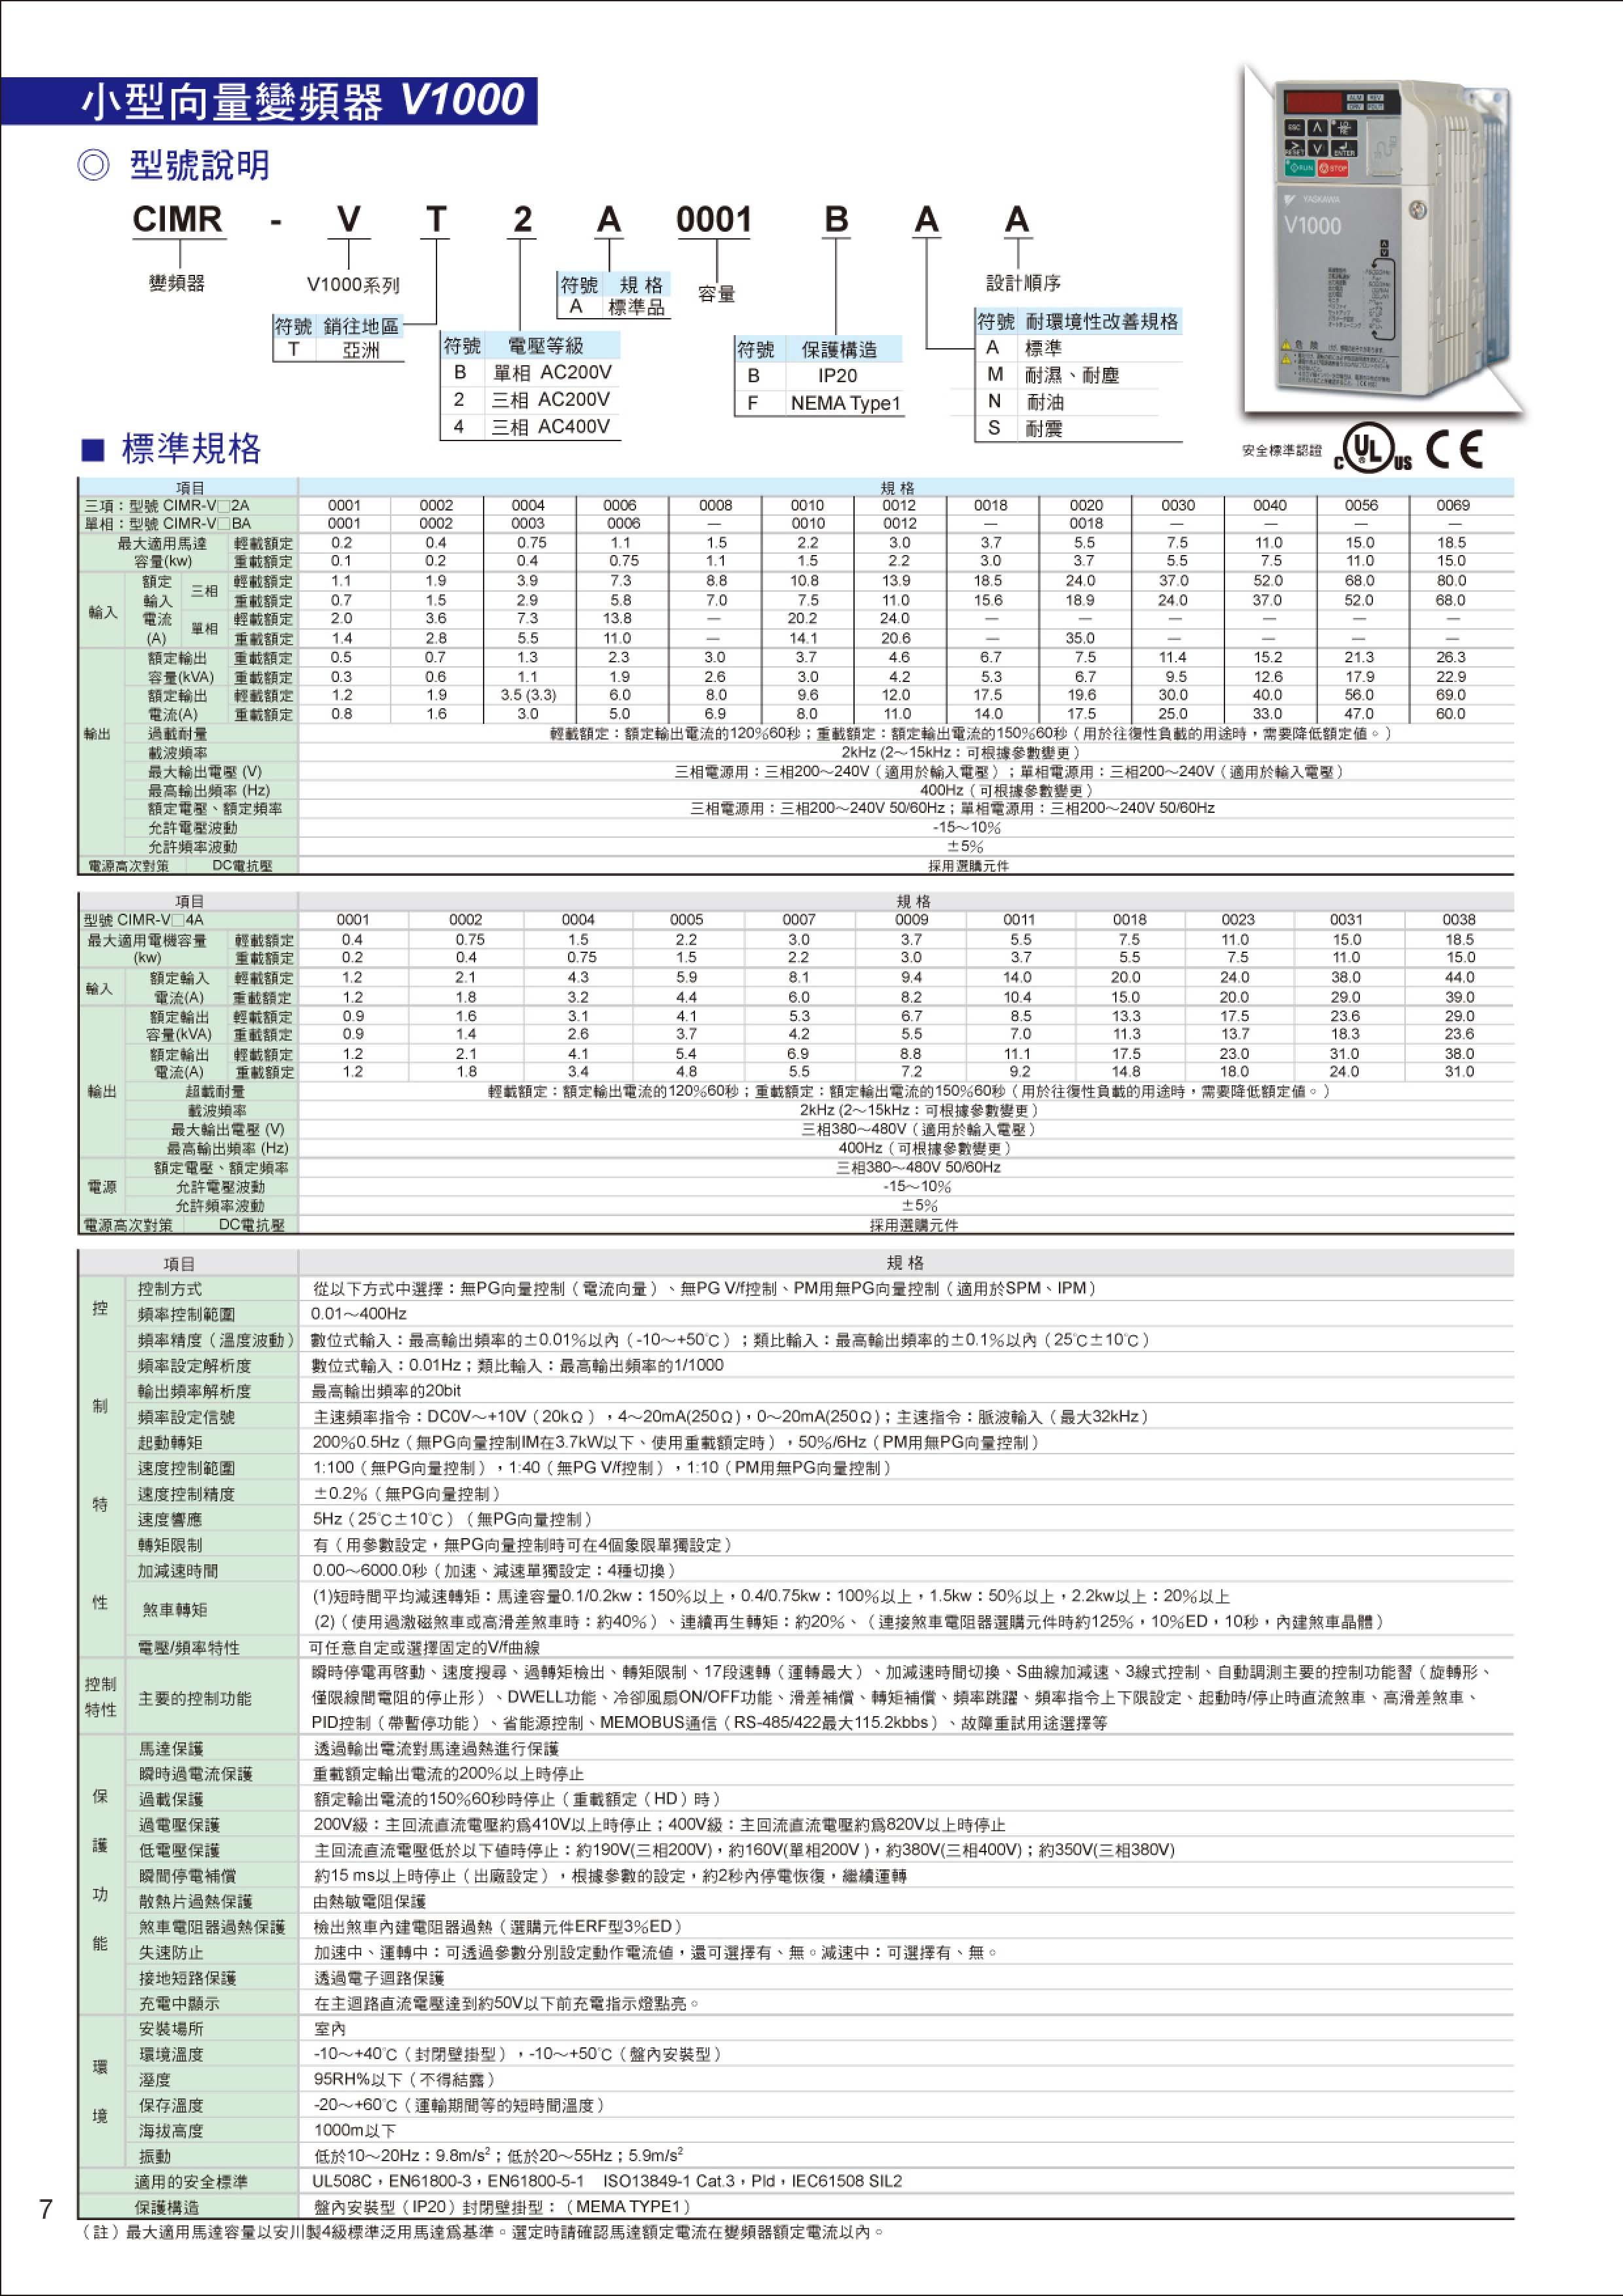 安川變頻器型錄-2012-07-8